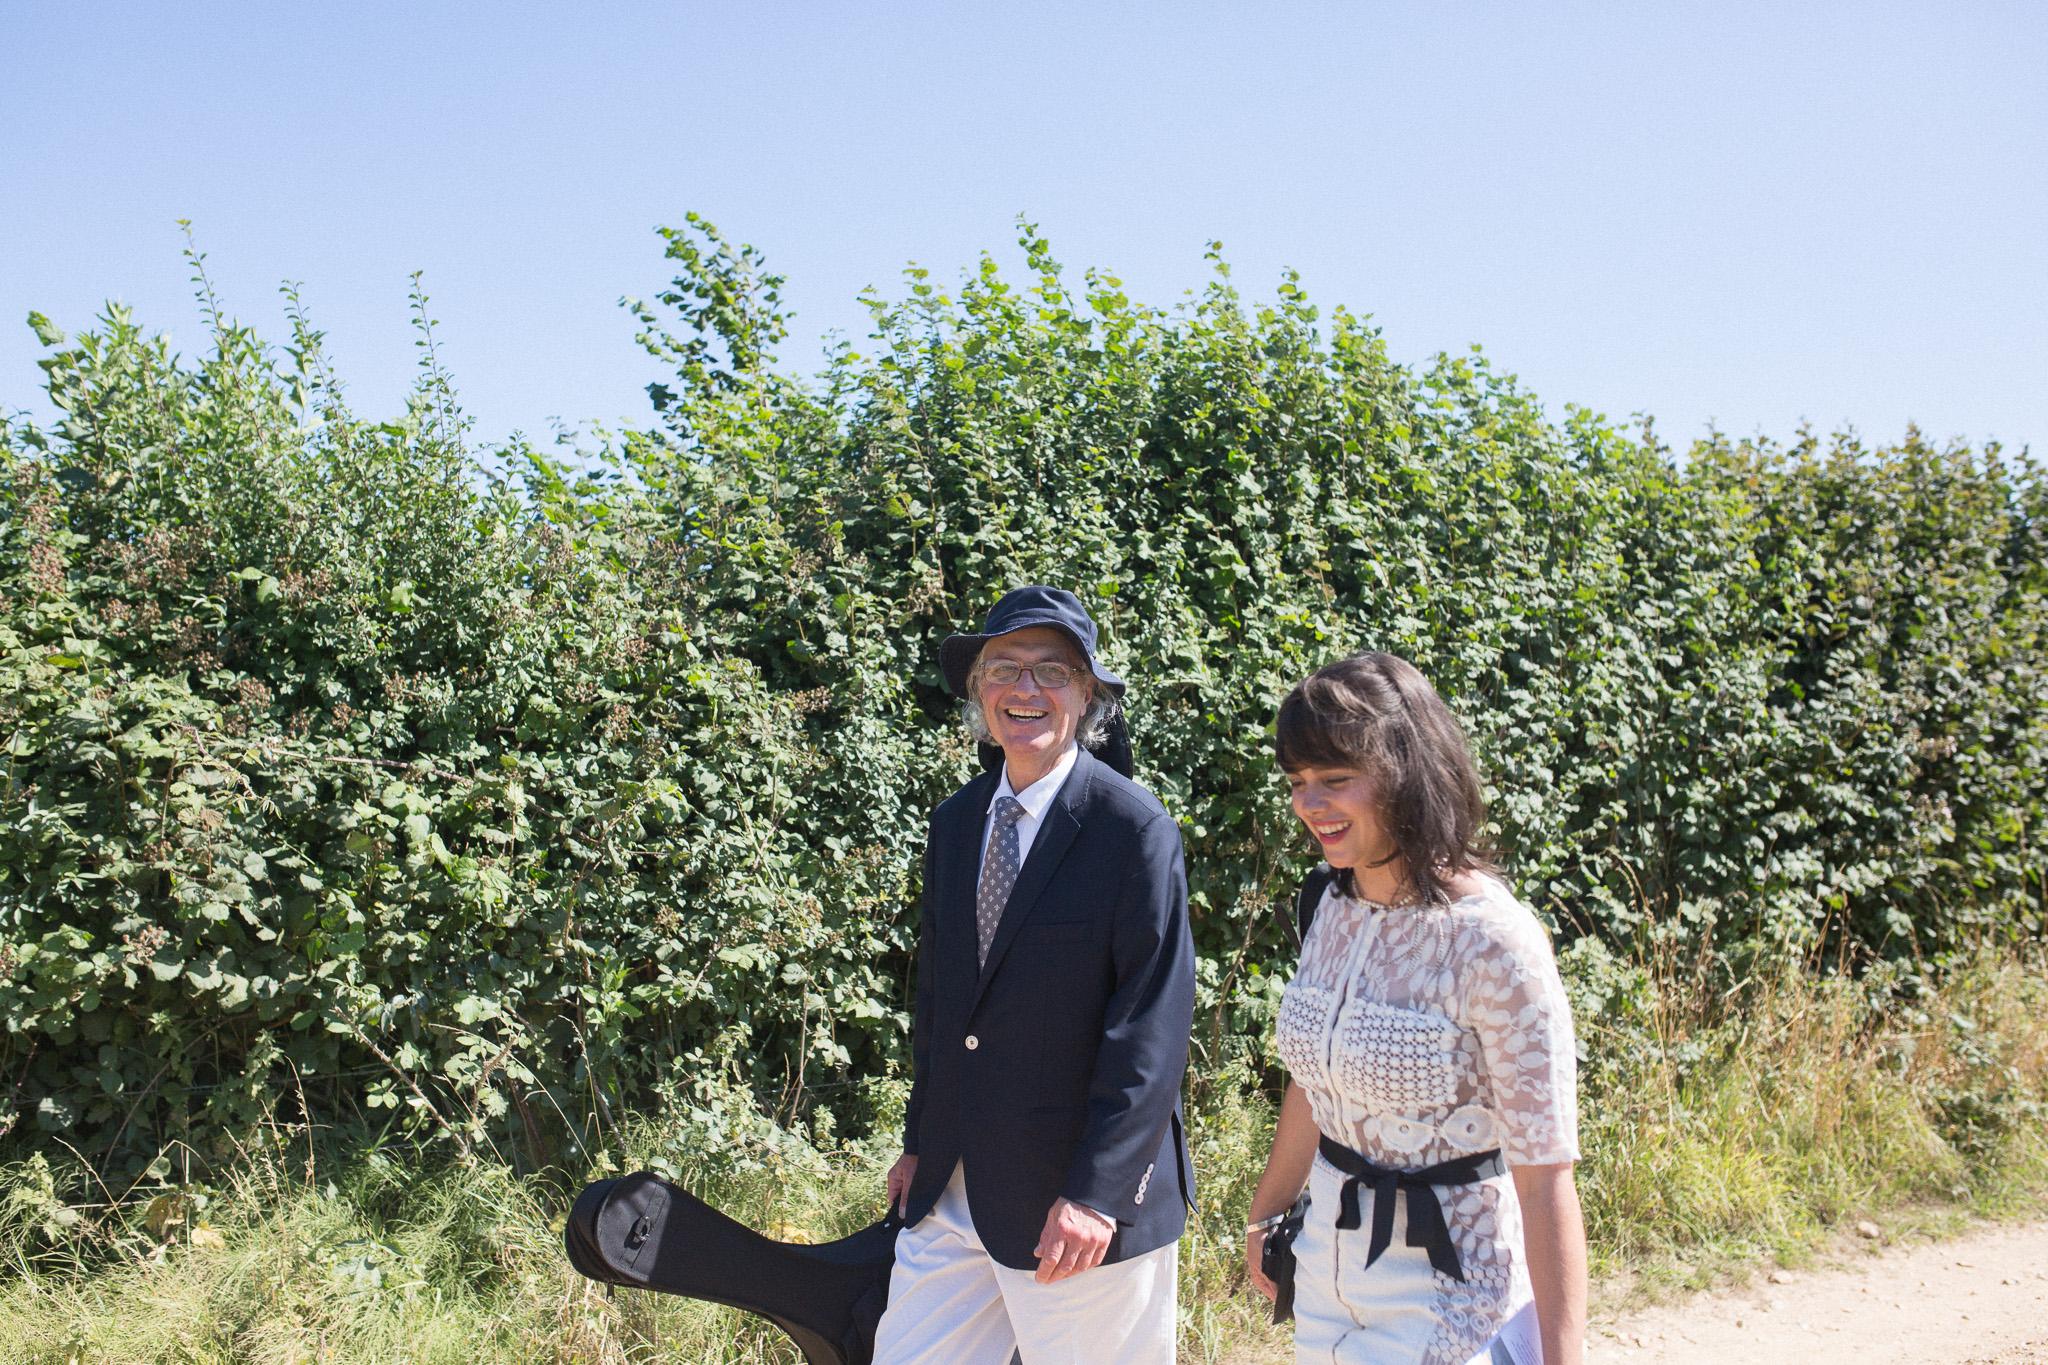 Elisa-Ryan-Rustic-Wedding-Blog-68.jpg